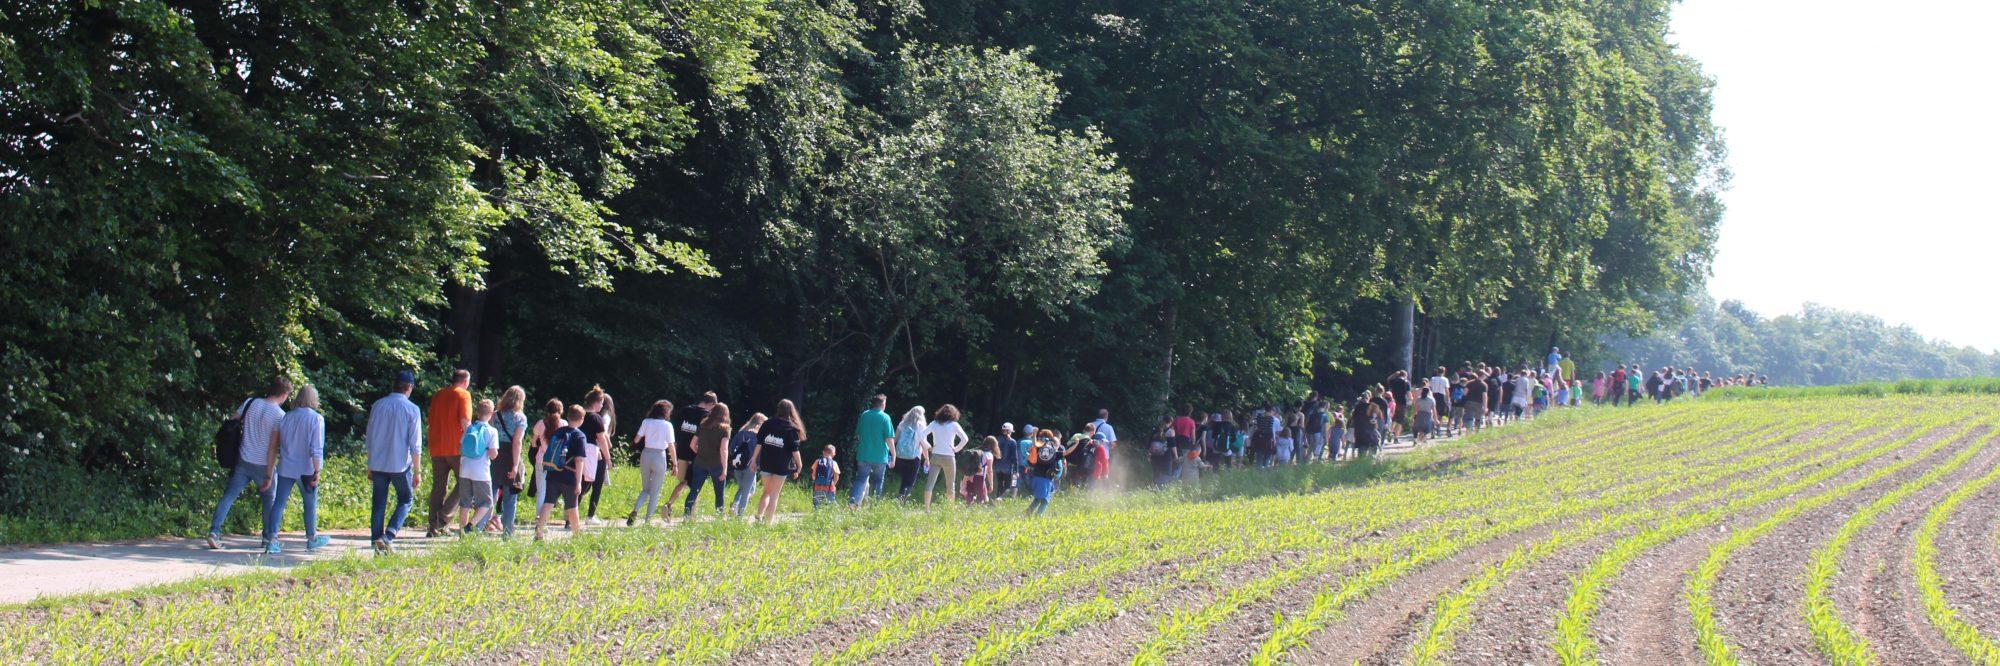 Ferienfreizeiten in  Velbert